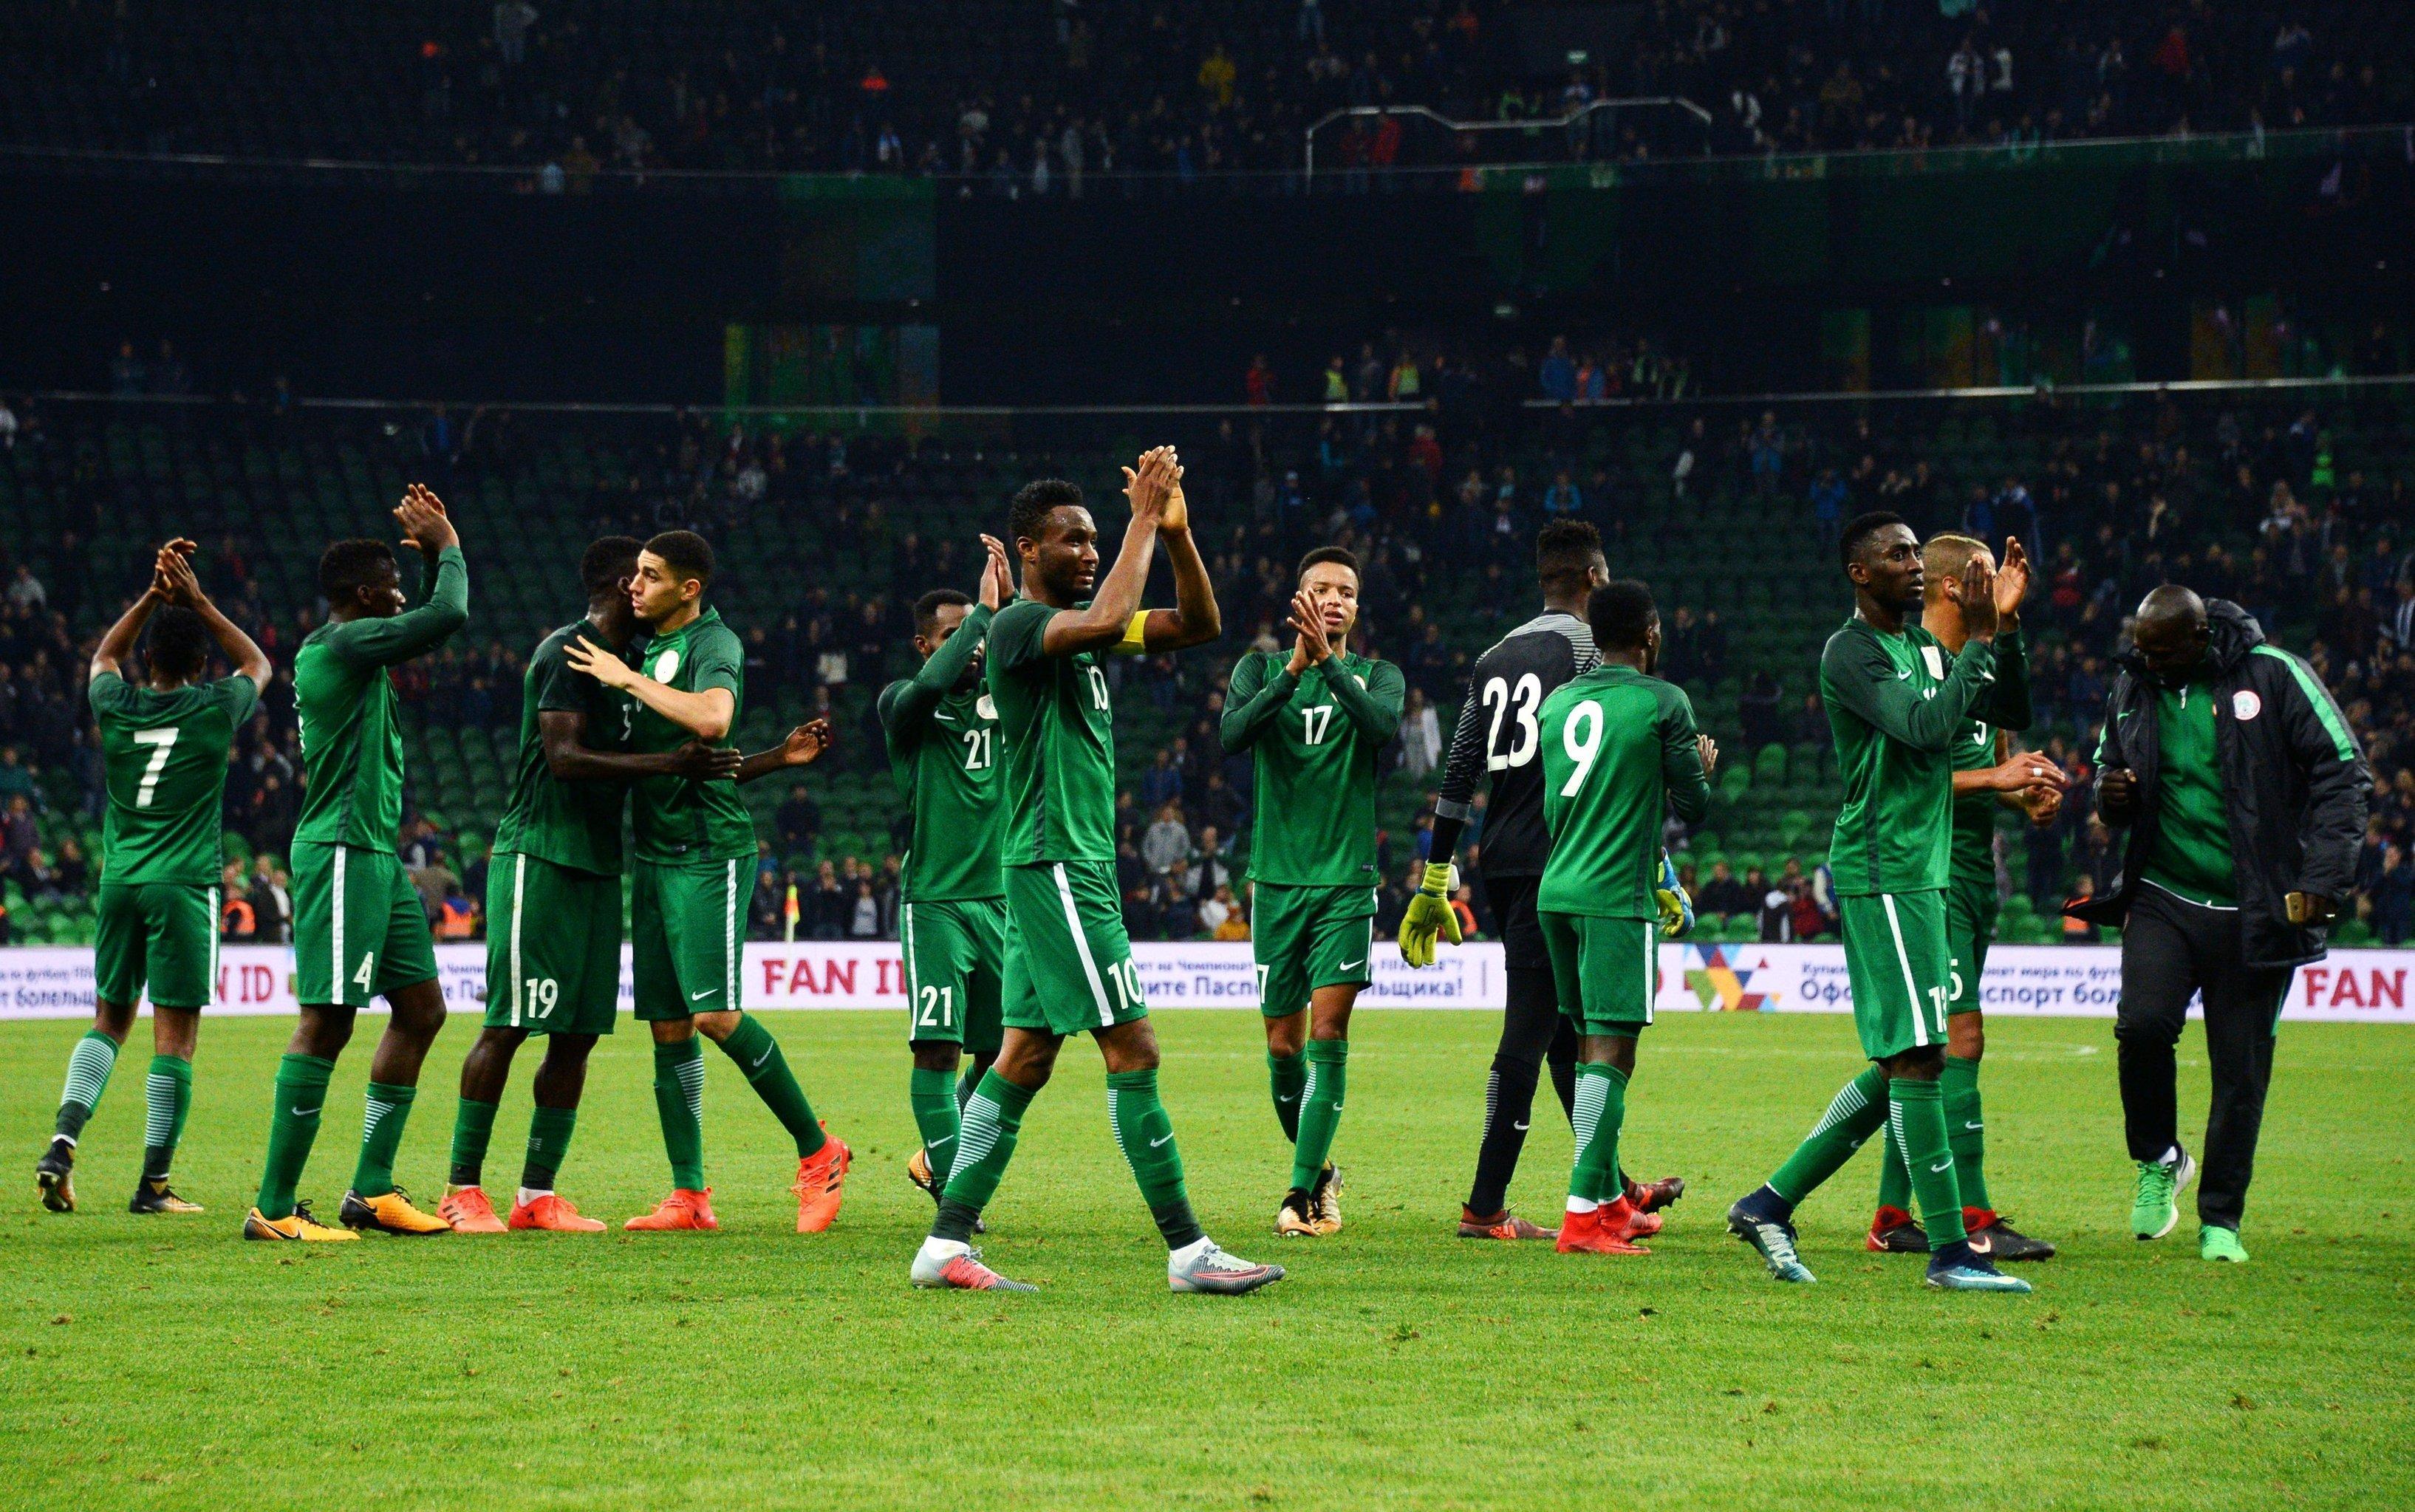 Selección de Nigeria usando la camiseta suplente ideada por Nike para la Copa Mundial de Fútbol 2018.